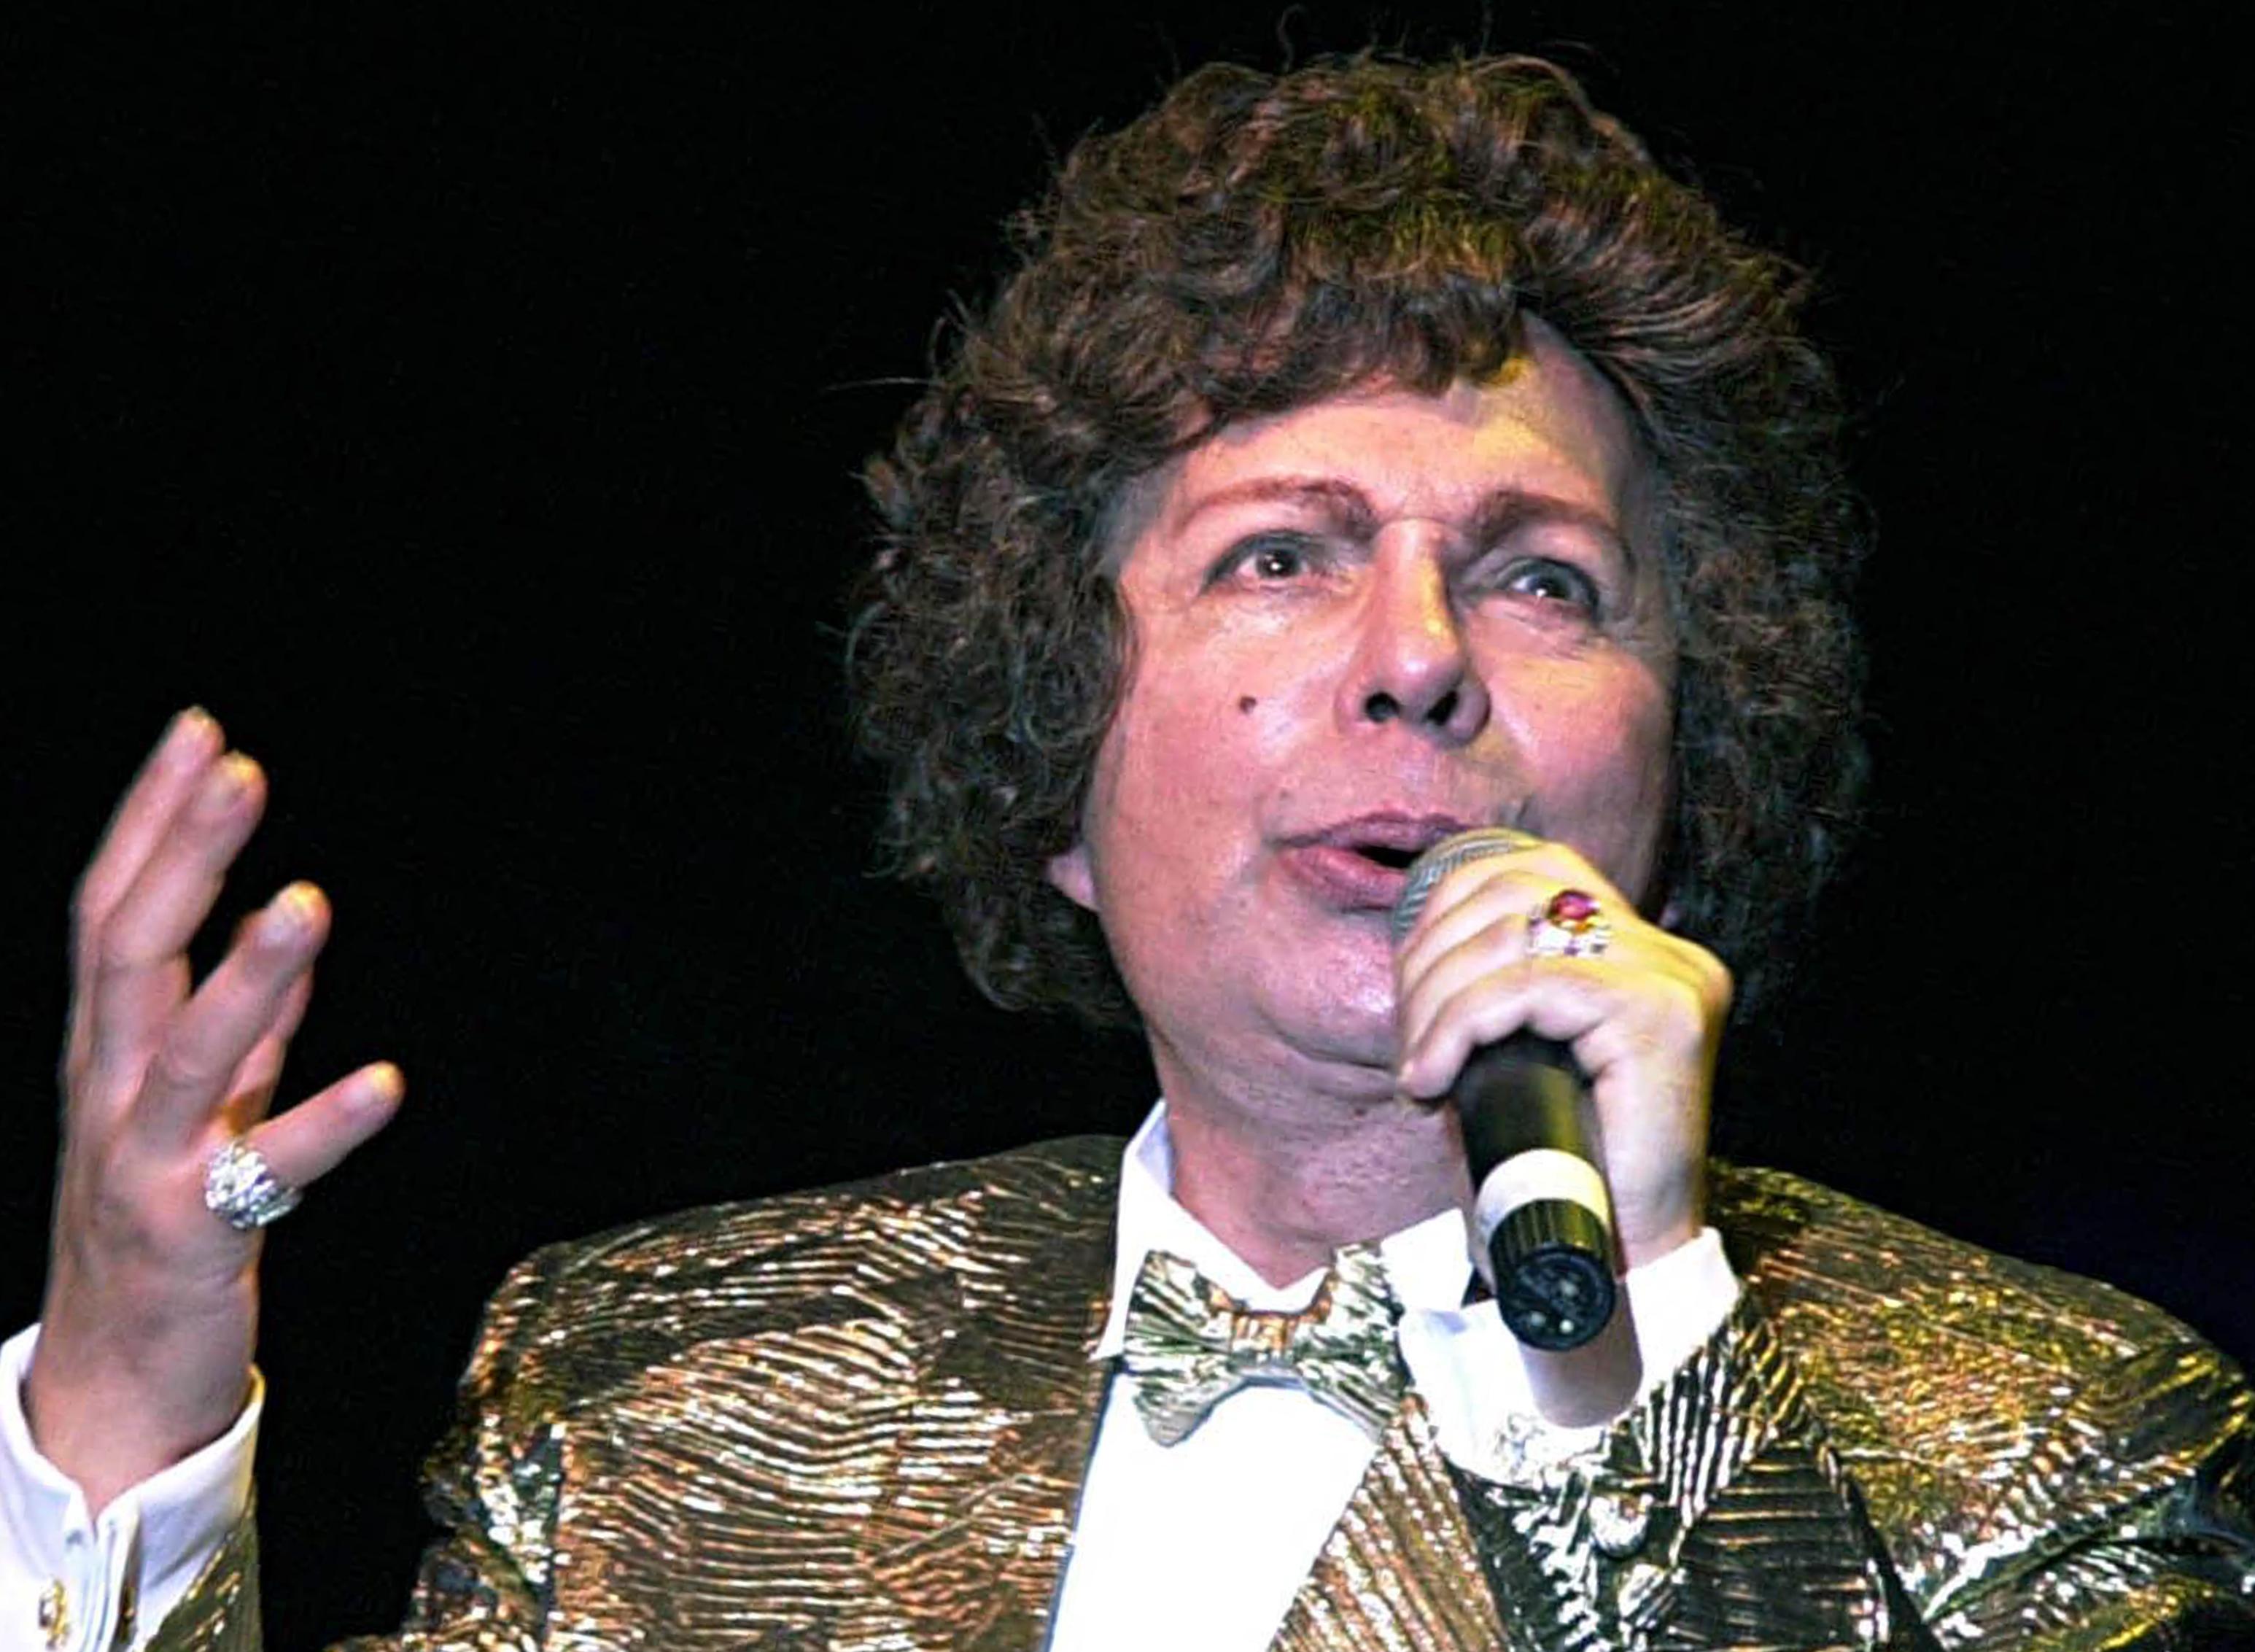 Aos 85 anos, morre em São Paulo o cantor Cauby Peixoto | Agência Brasil